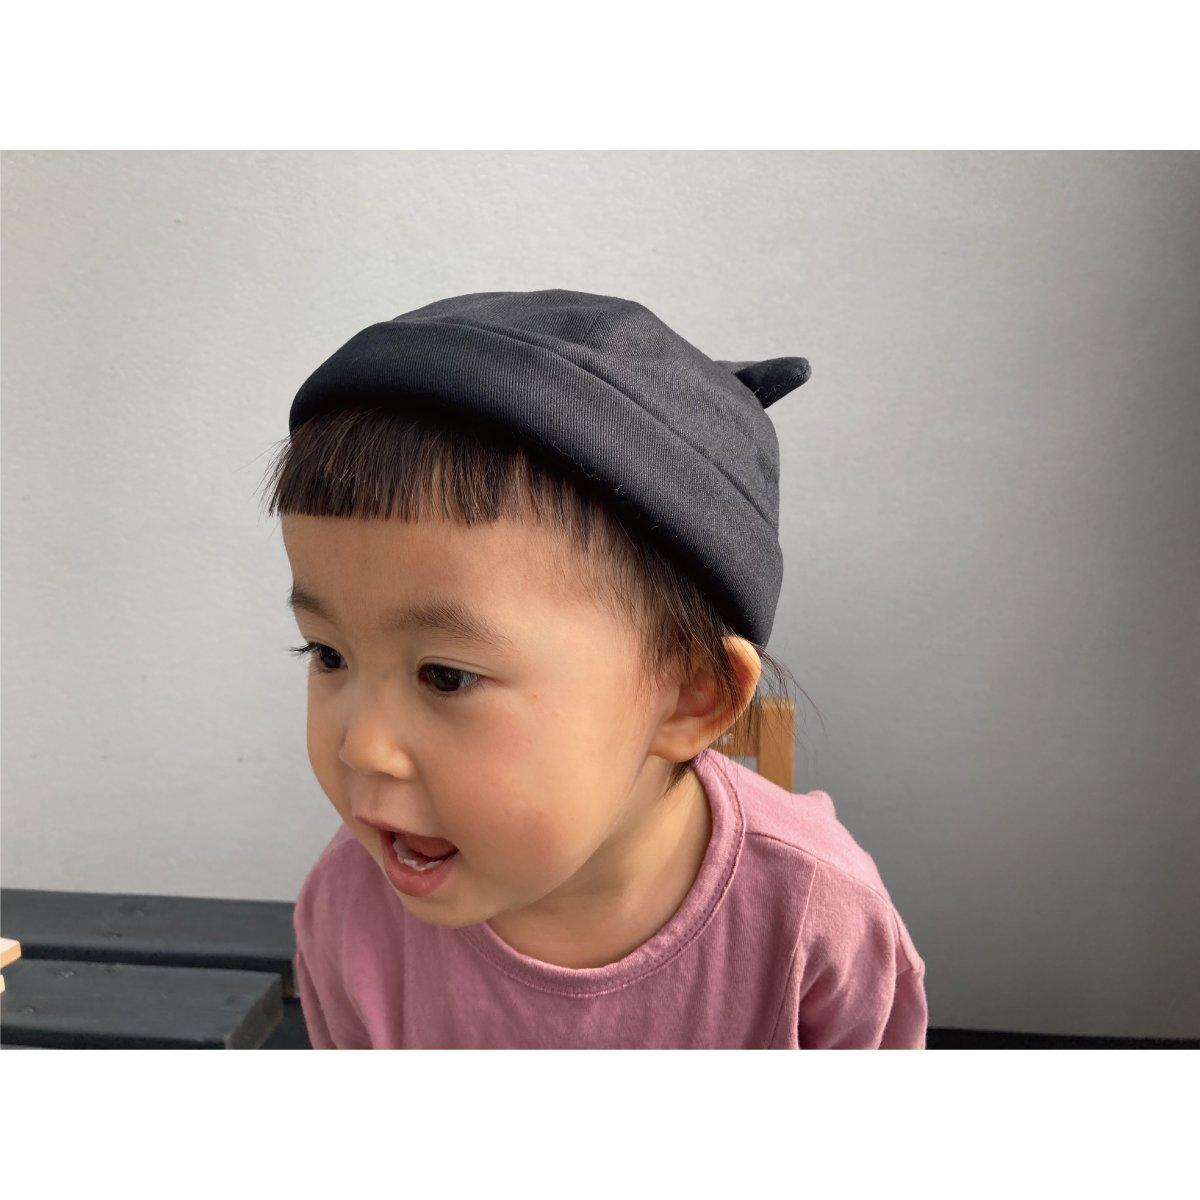 【KIDS】Bear Roll Cap 詳細画像13